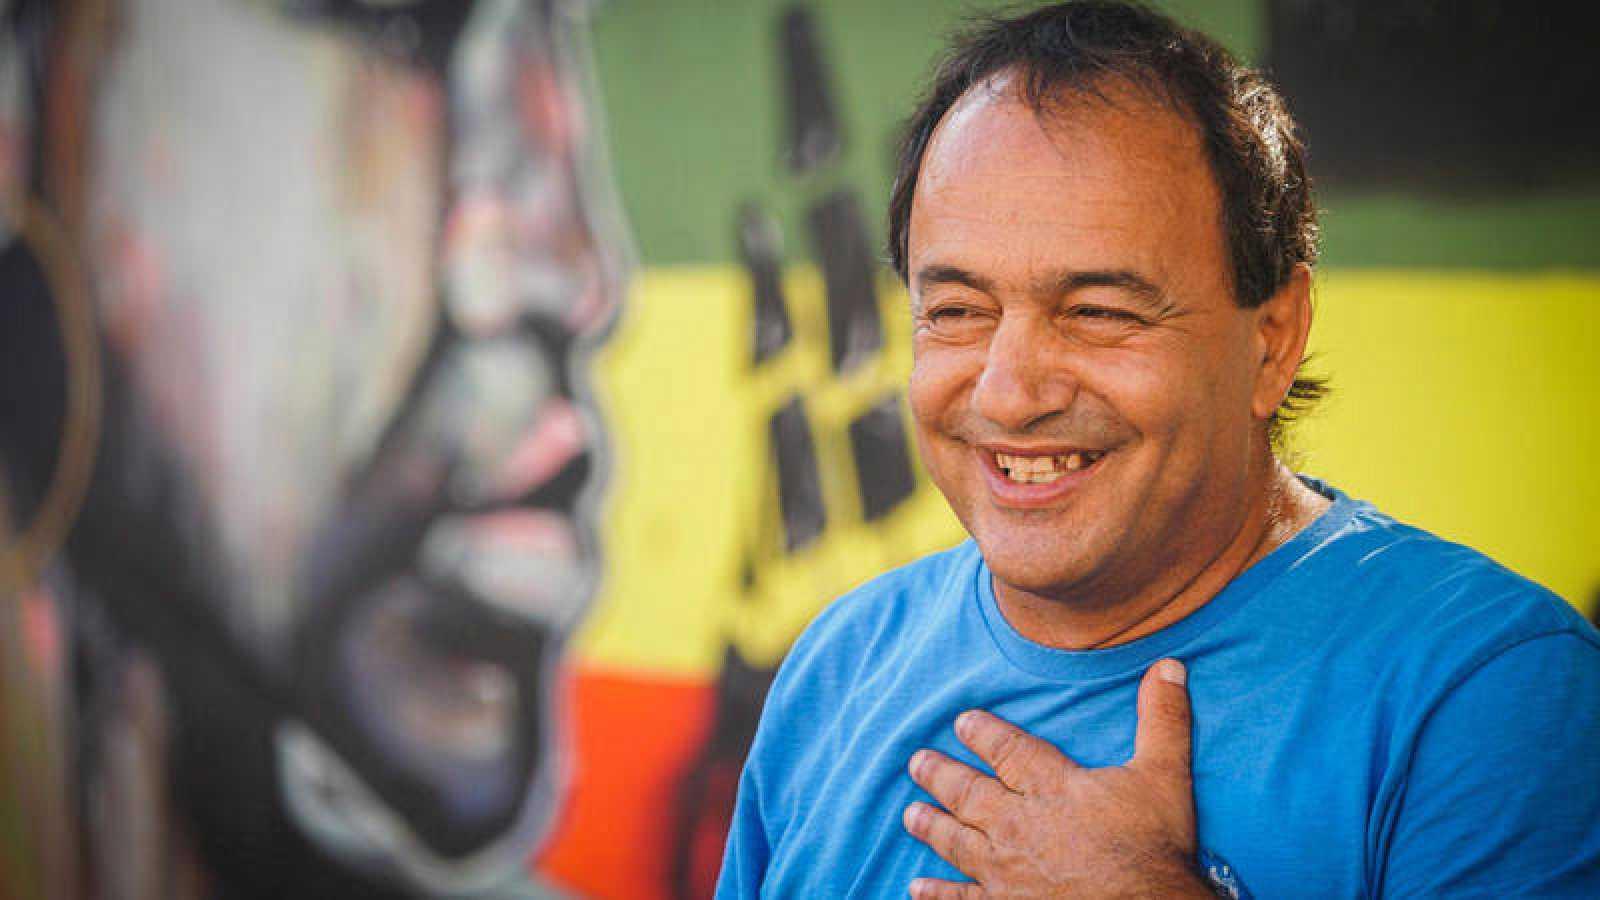 Detenido por inmigración ilegal el alcalde de Riace, símbolo de la acogida en Italia